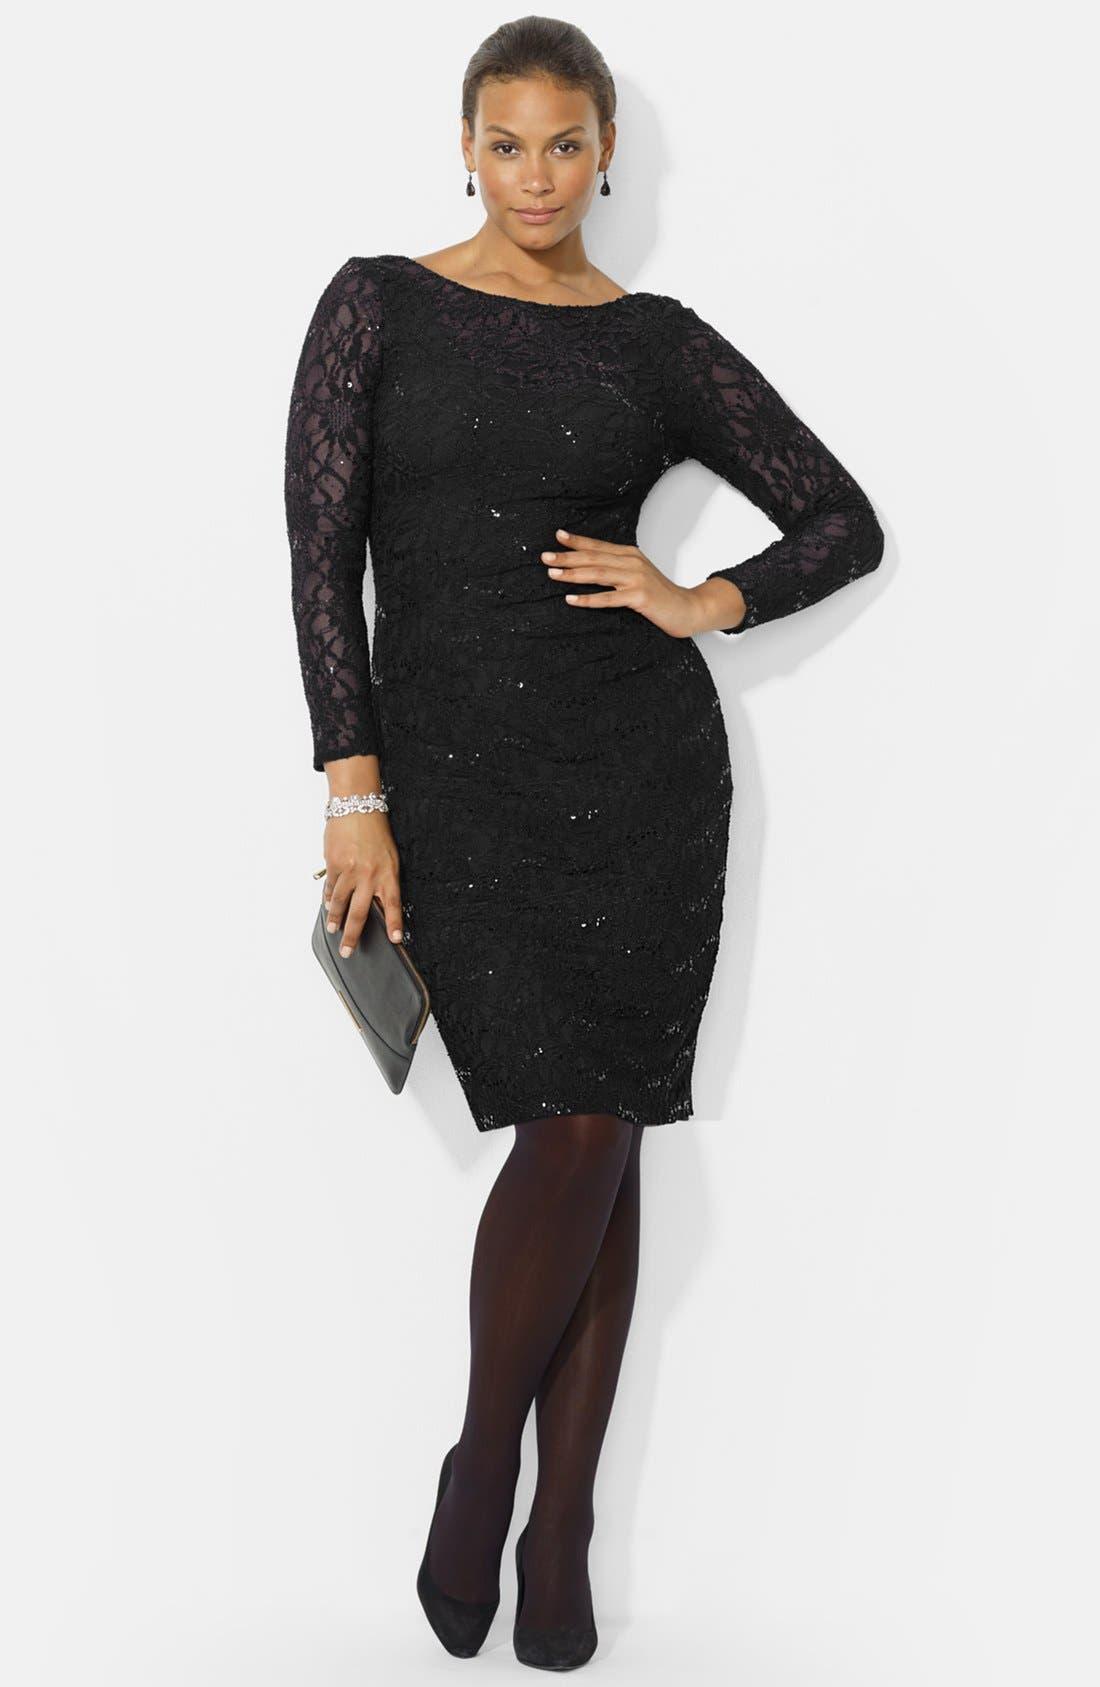 Alternate Image 1 Selected - Lauren Ralph Lauren Sequin Lace Sheath Dress (Plus Size)